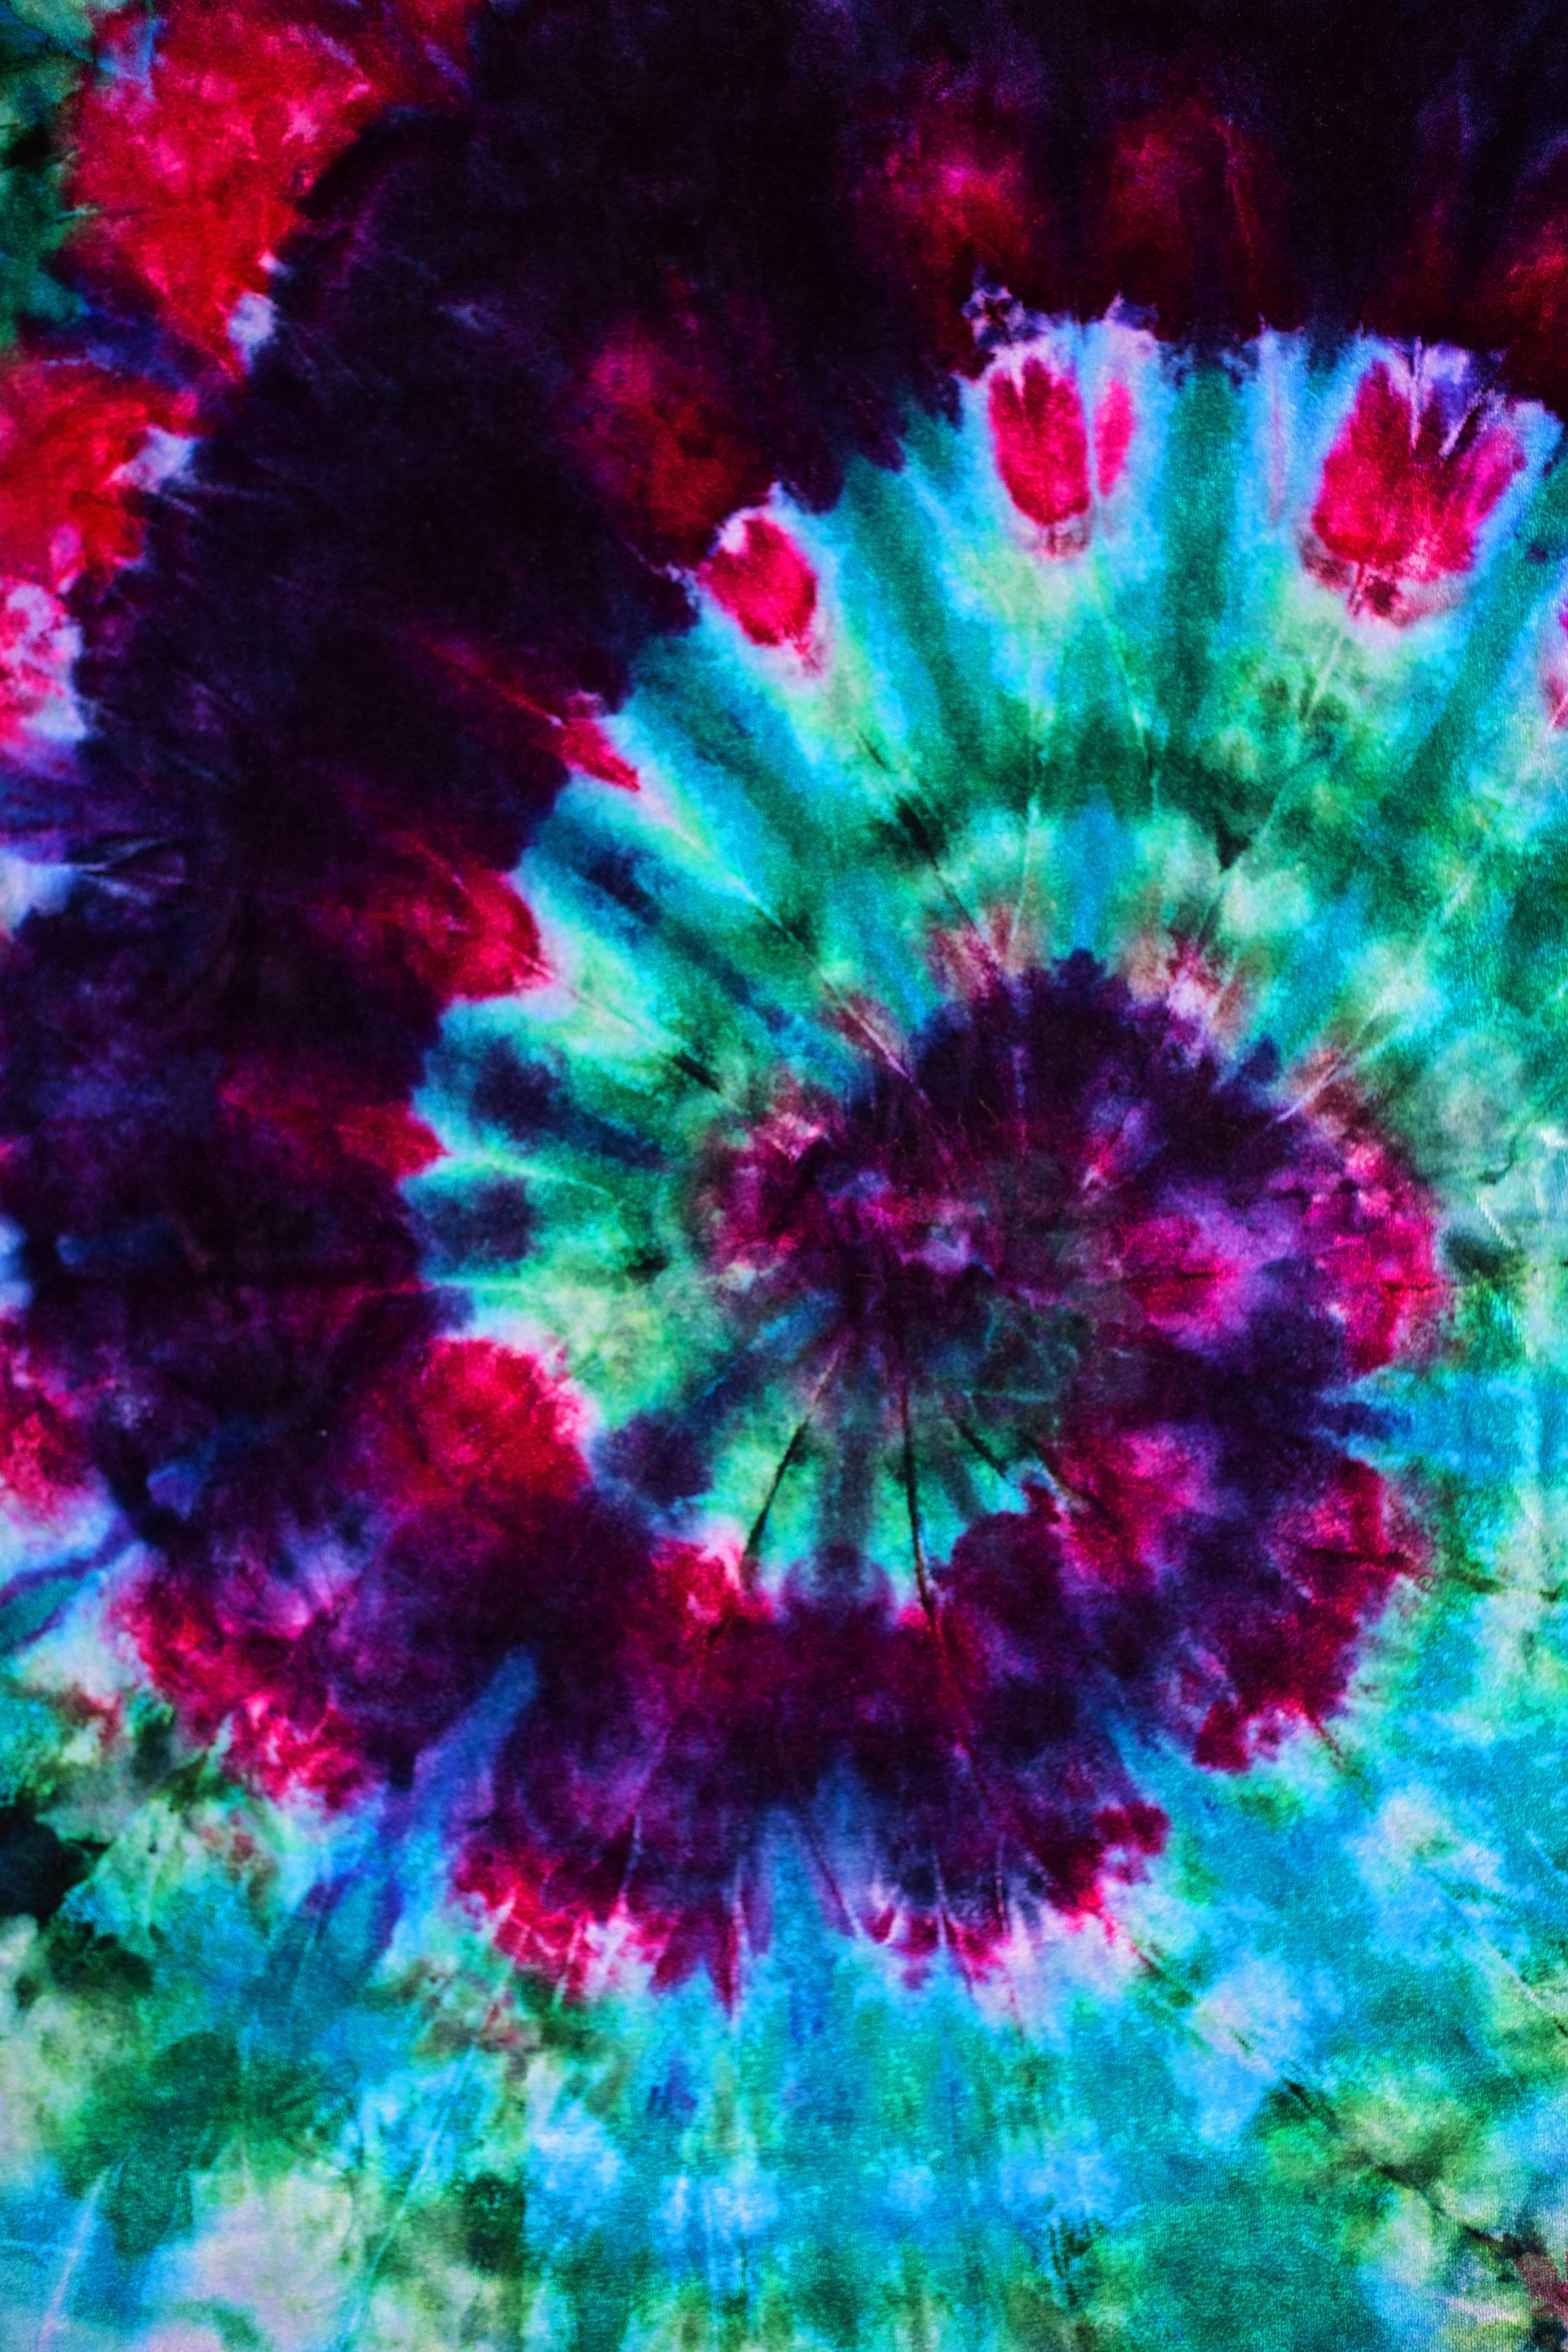 Tie Dye Screen Saver - Tye Dye Clothing - Tie Dye Giveaway